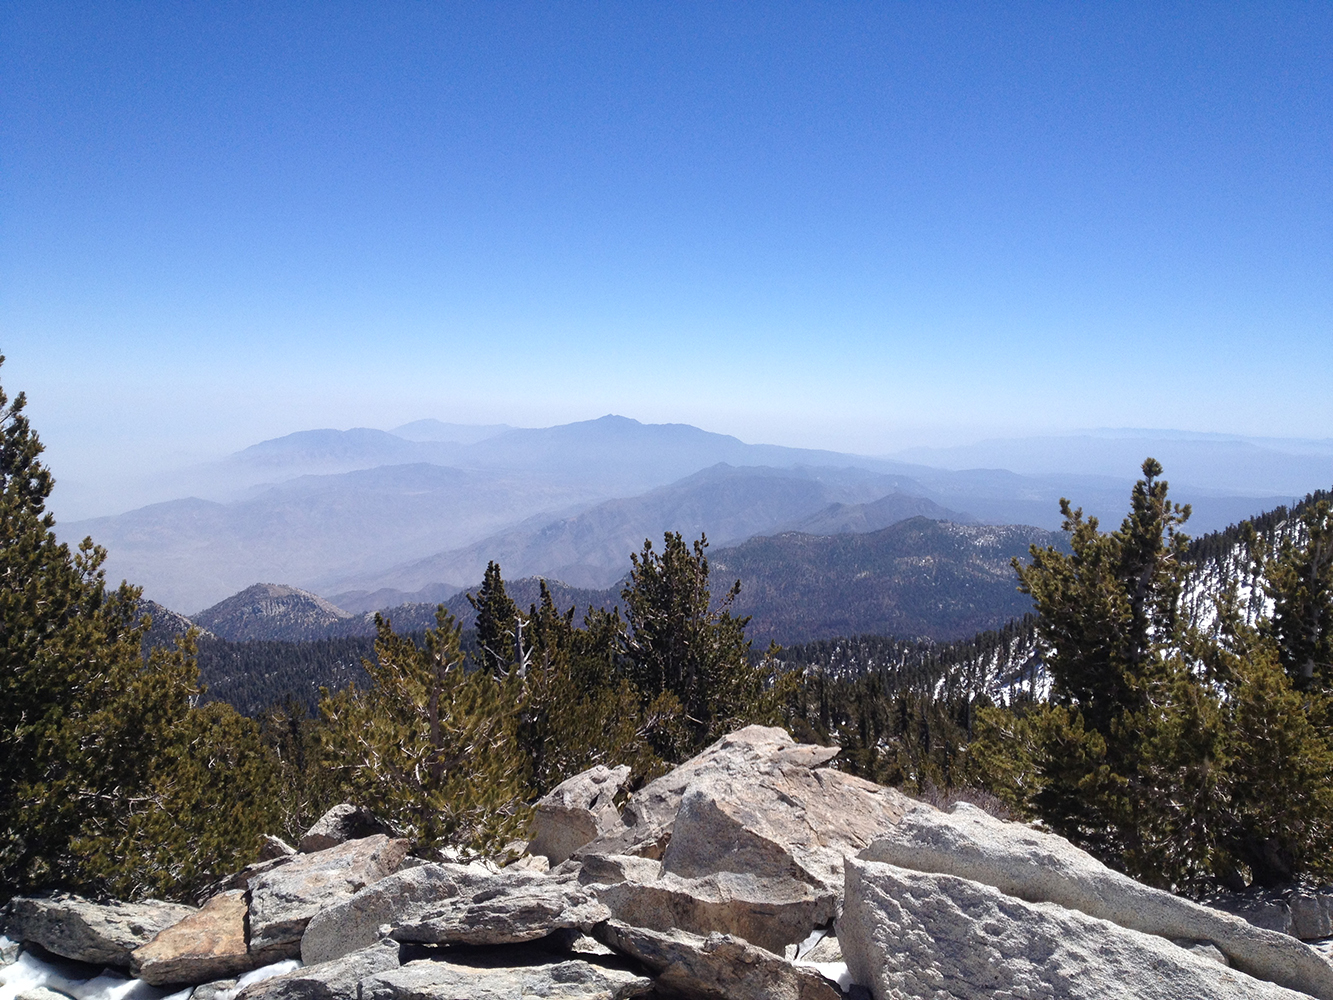 SUMMIT MT SAN JACINTO